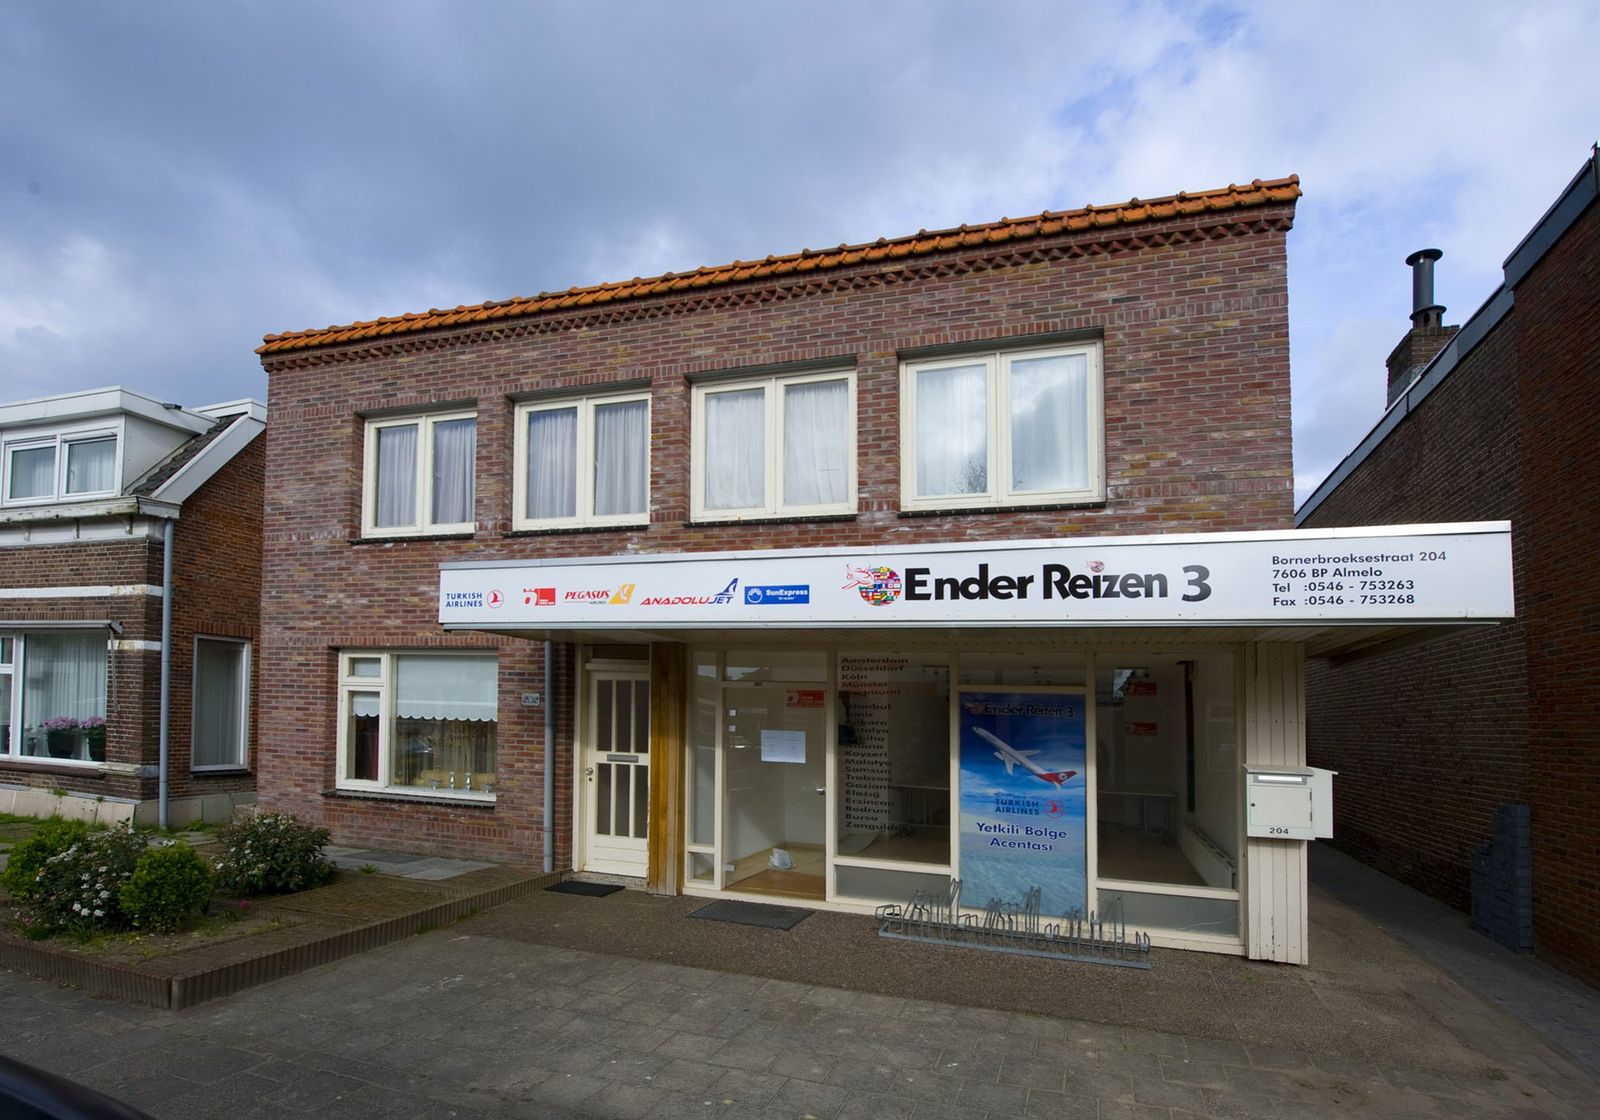 Bornerbroeksestraat 202-204, Almelo